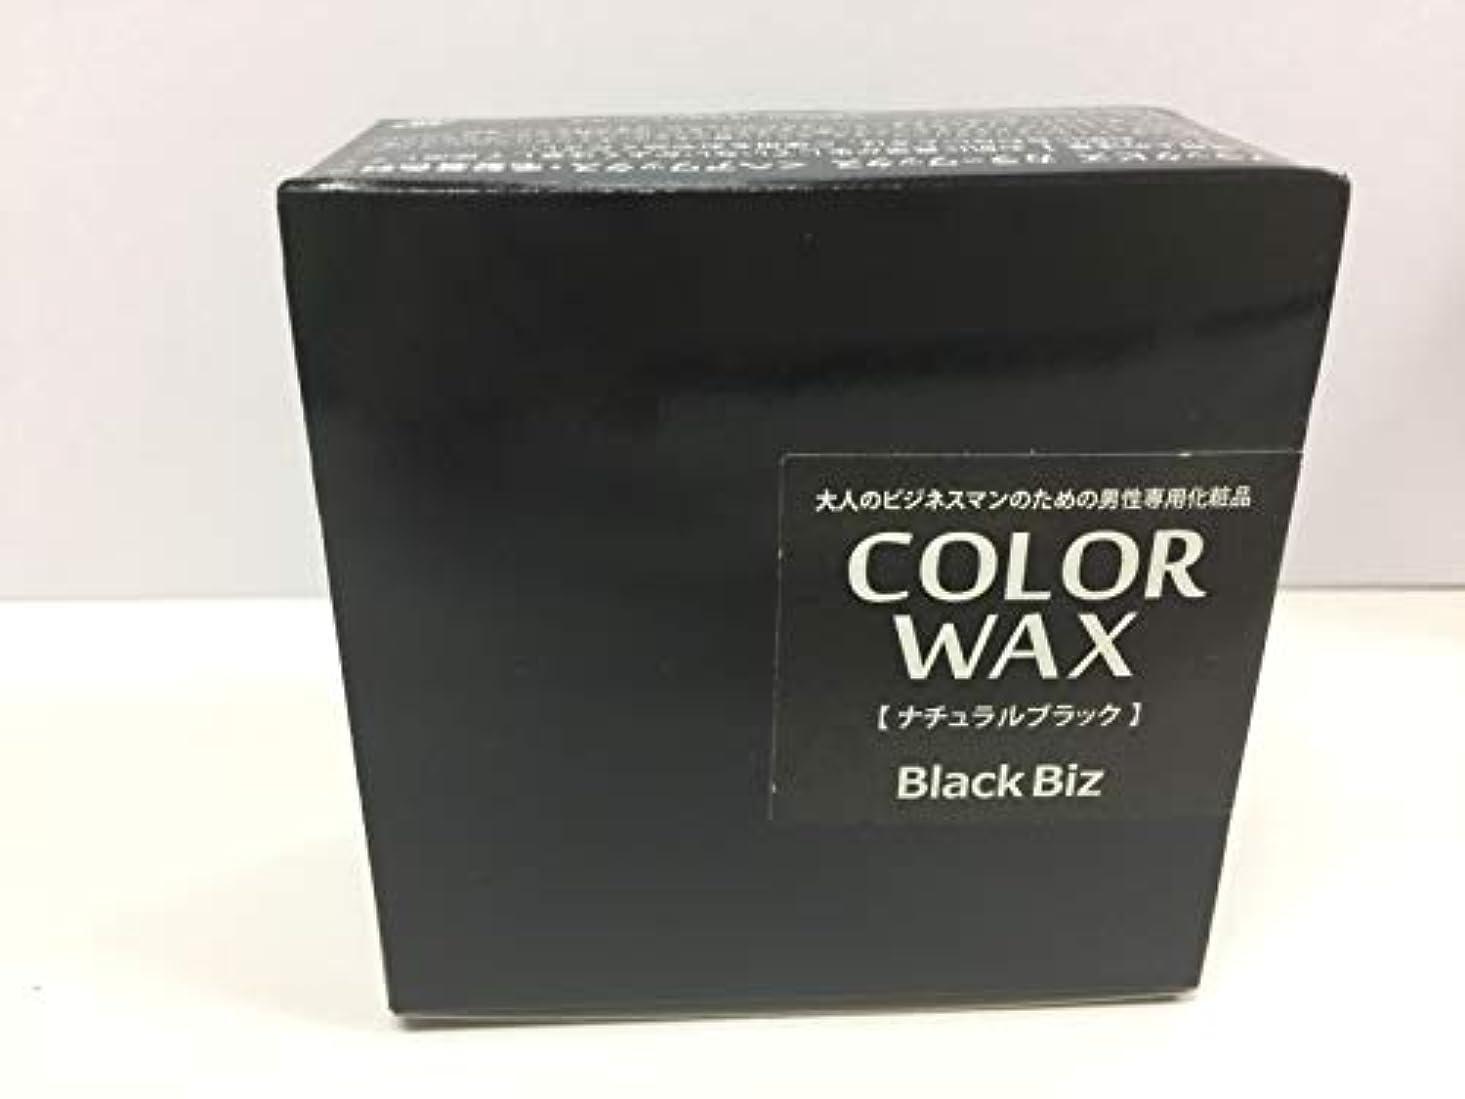 危険な頭掻く大人のビジネスマンのための男性専用化粧品 BlackBiz COLOR WAX ブラックビズ カラーワックス 【ナチュラルブラック】